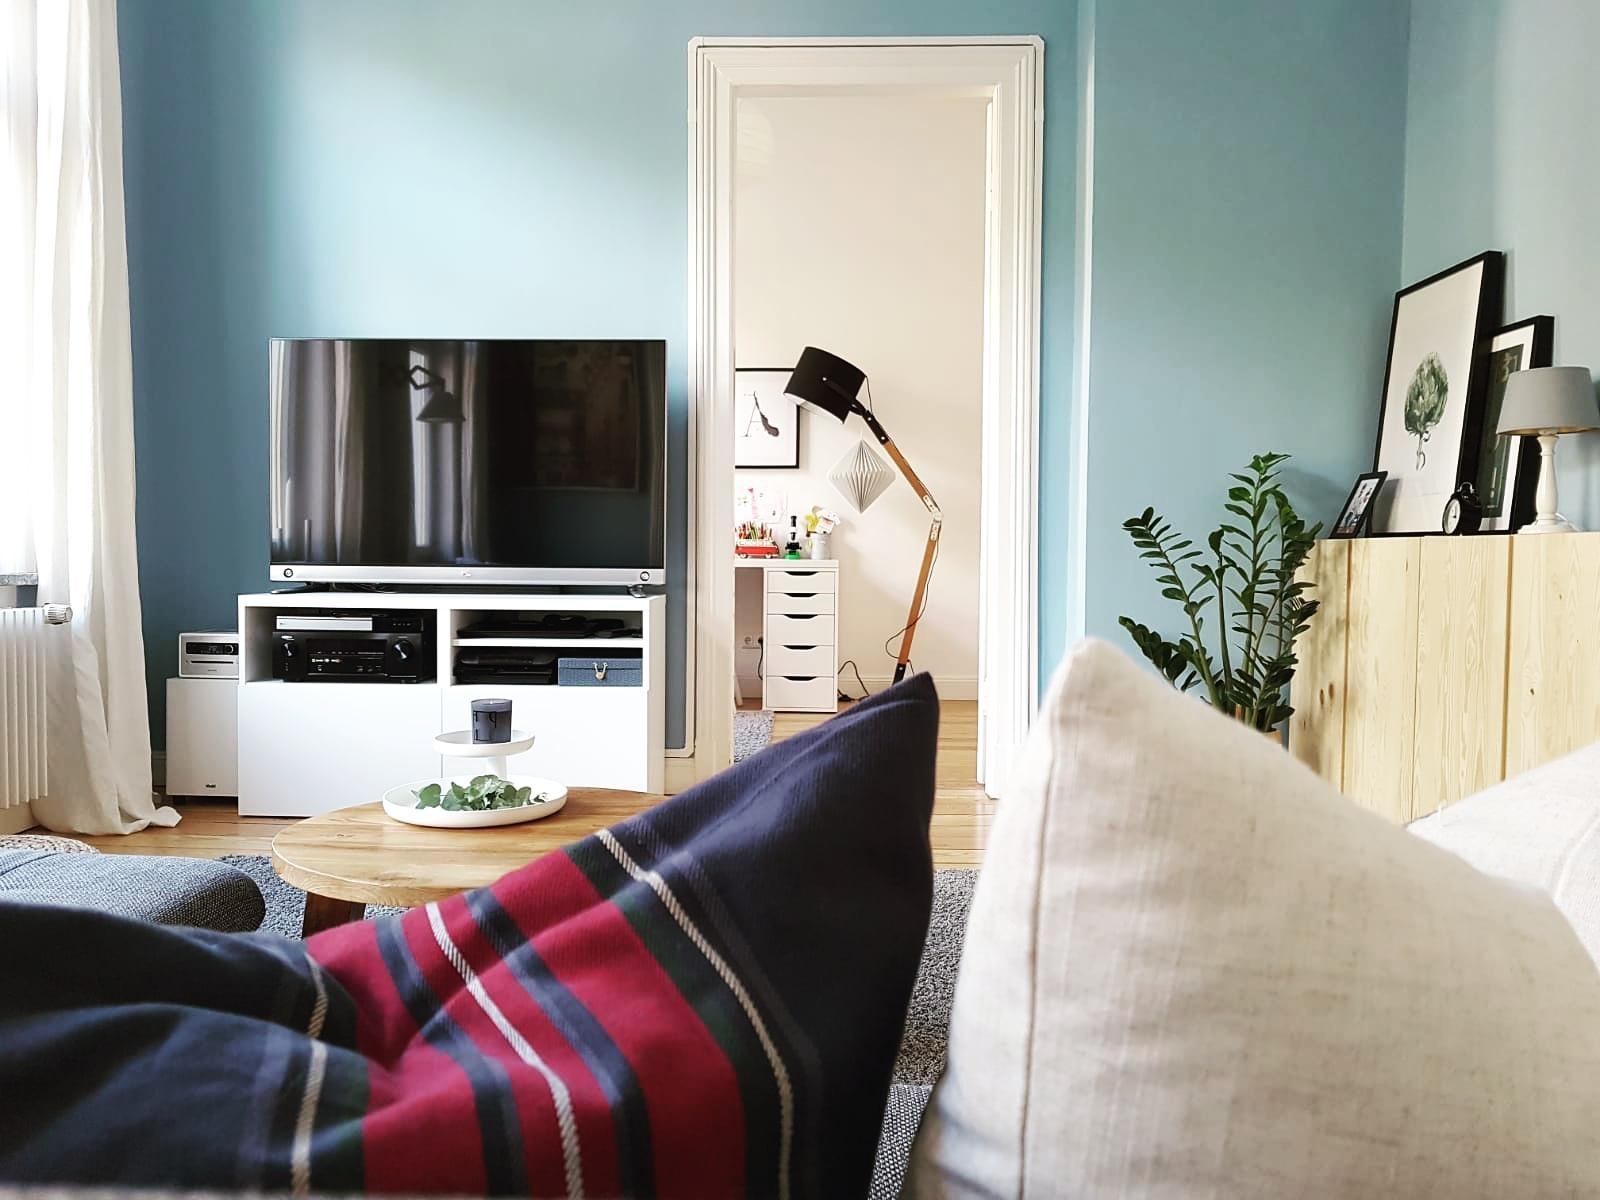 arbeitszimmer einrichten so geht 39 s. Black Bedroom Furniture Sets. Home Design Ideas